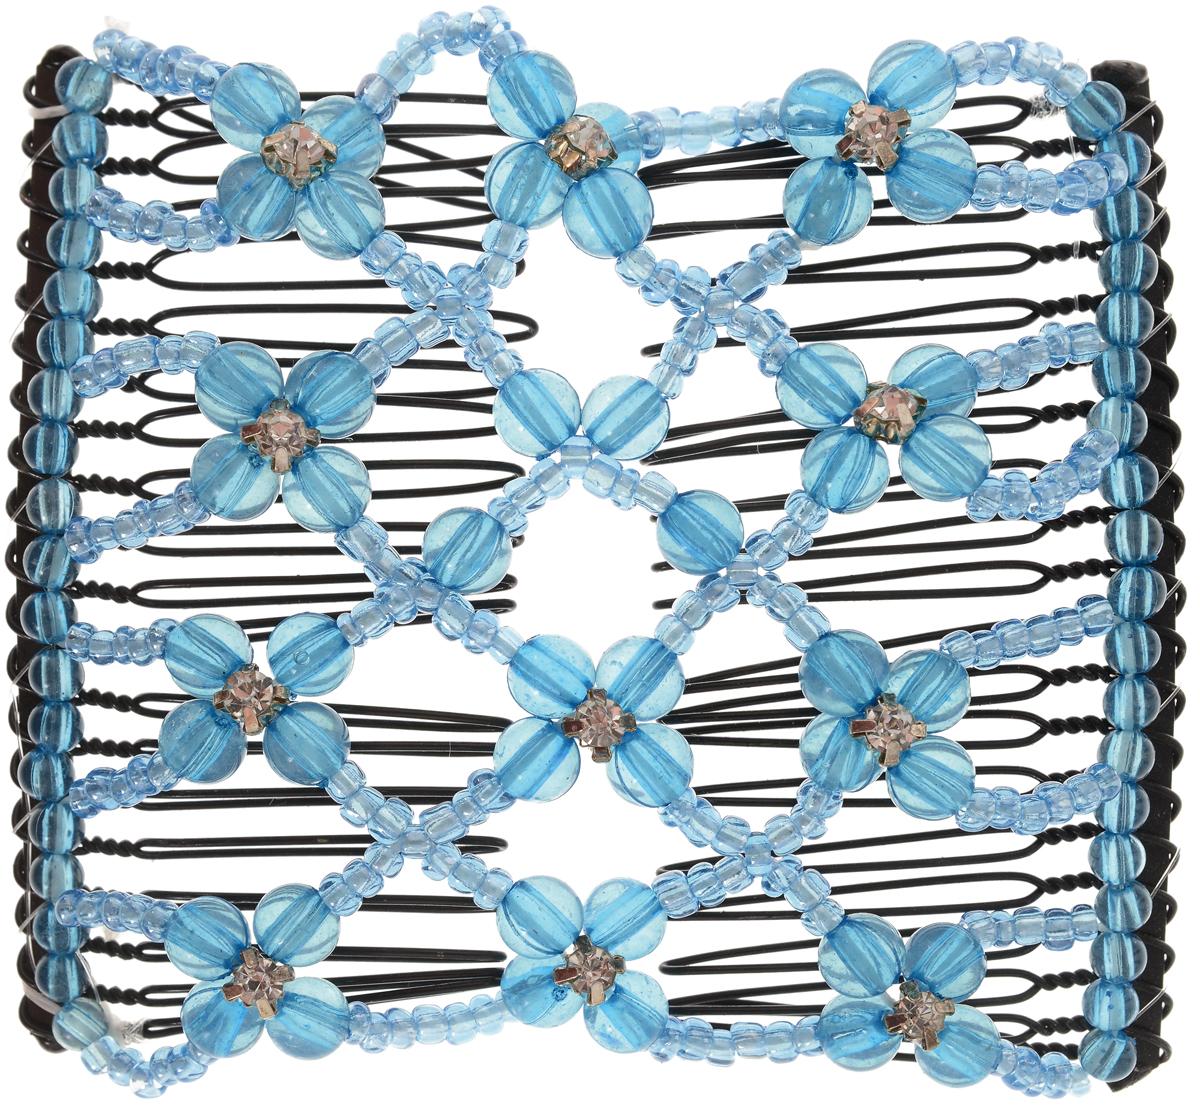 EZ-Combs Заколка Изи-Комбс, одинарная, цвет: голубой. ЗИО_стразыЗИО_голубой, стразыУдобная и практичная EZ-Combs подходит для любого типа волос: тонких, жестких, вьющихся или прямых, и не наносит им никакого вреда. Заколка не мешает движениям головы и не создает дискомфорта, когда вы отдыхаете или управляете автомобилем. Каждый гребень имеет по 20 зубьев для надежной фиксации заколки на волосах! И даже во время бега и интенсивных тренировок в спортзале EZ-Combs не падает; она прочно фиксирует прическу, сохраняя укладку в первозданном виде.Небольшая и легкая заколка для волос EZ-Combs поместится в любой дамской сумочке, позволяя быстро и без особых усилий создавать неповторимые прически там, где вам это удобно. Гребень прекрасно сочетается с любой одеждой: будь это классический или спортивный стиль, завершая гармоничный облик современной леди. И неважно, какой образ жизни вы ведете, если у вас есть EZ-Combs, вы всегда будете выглядеть потрясающе.